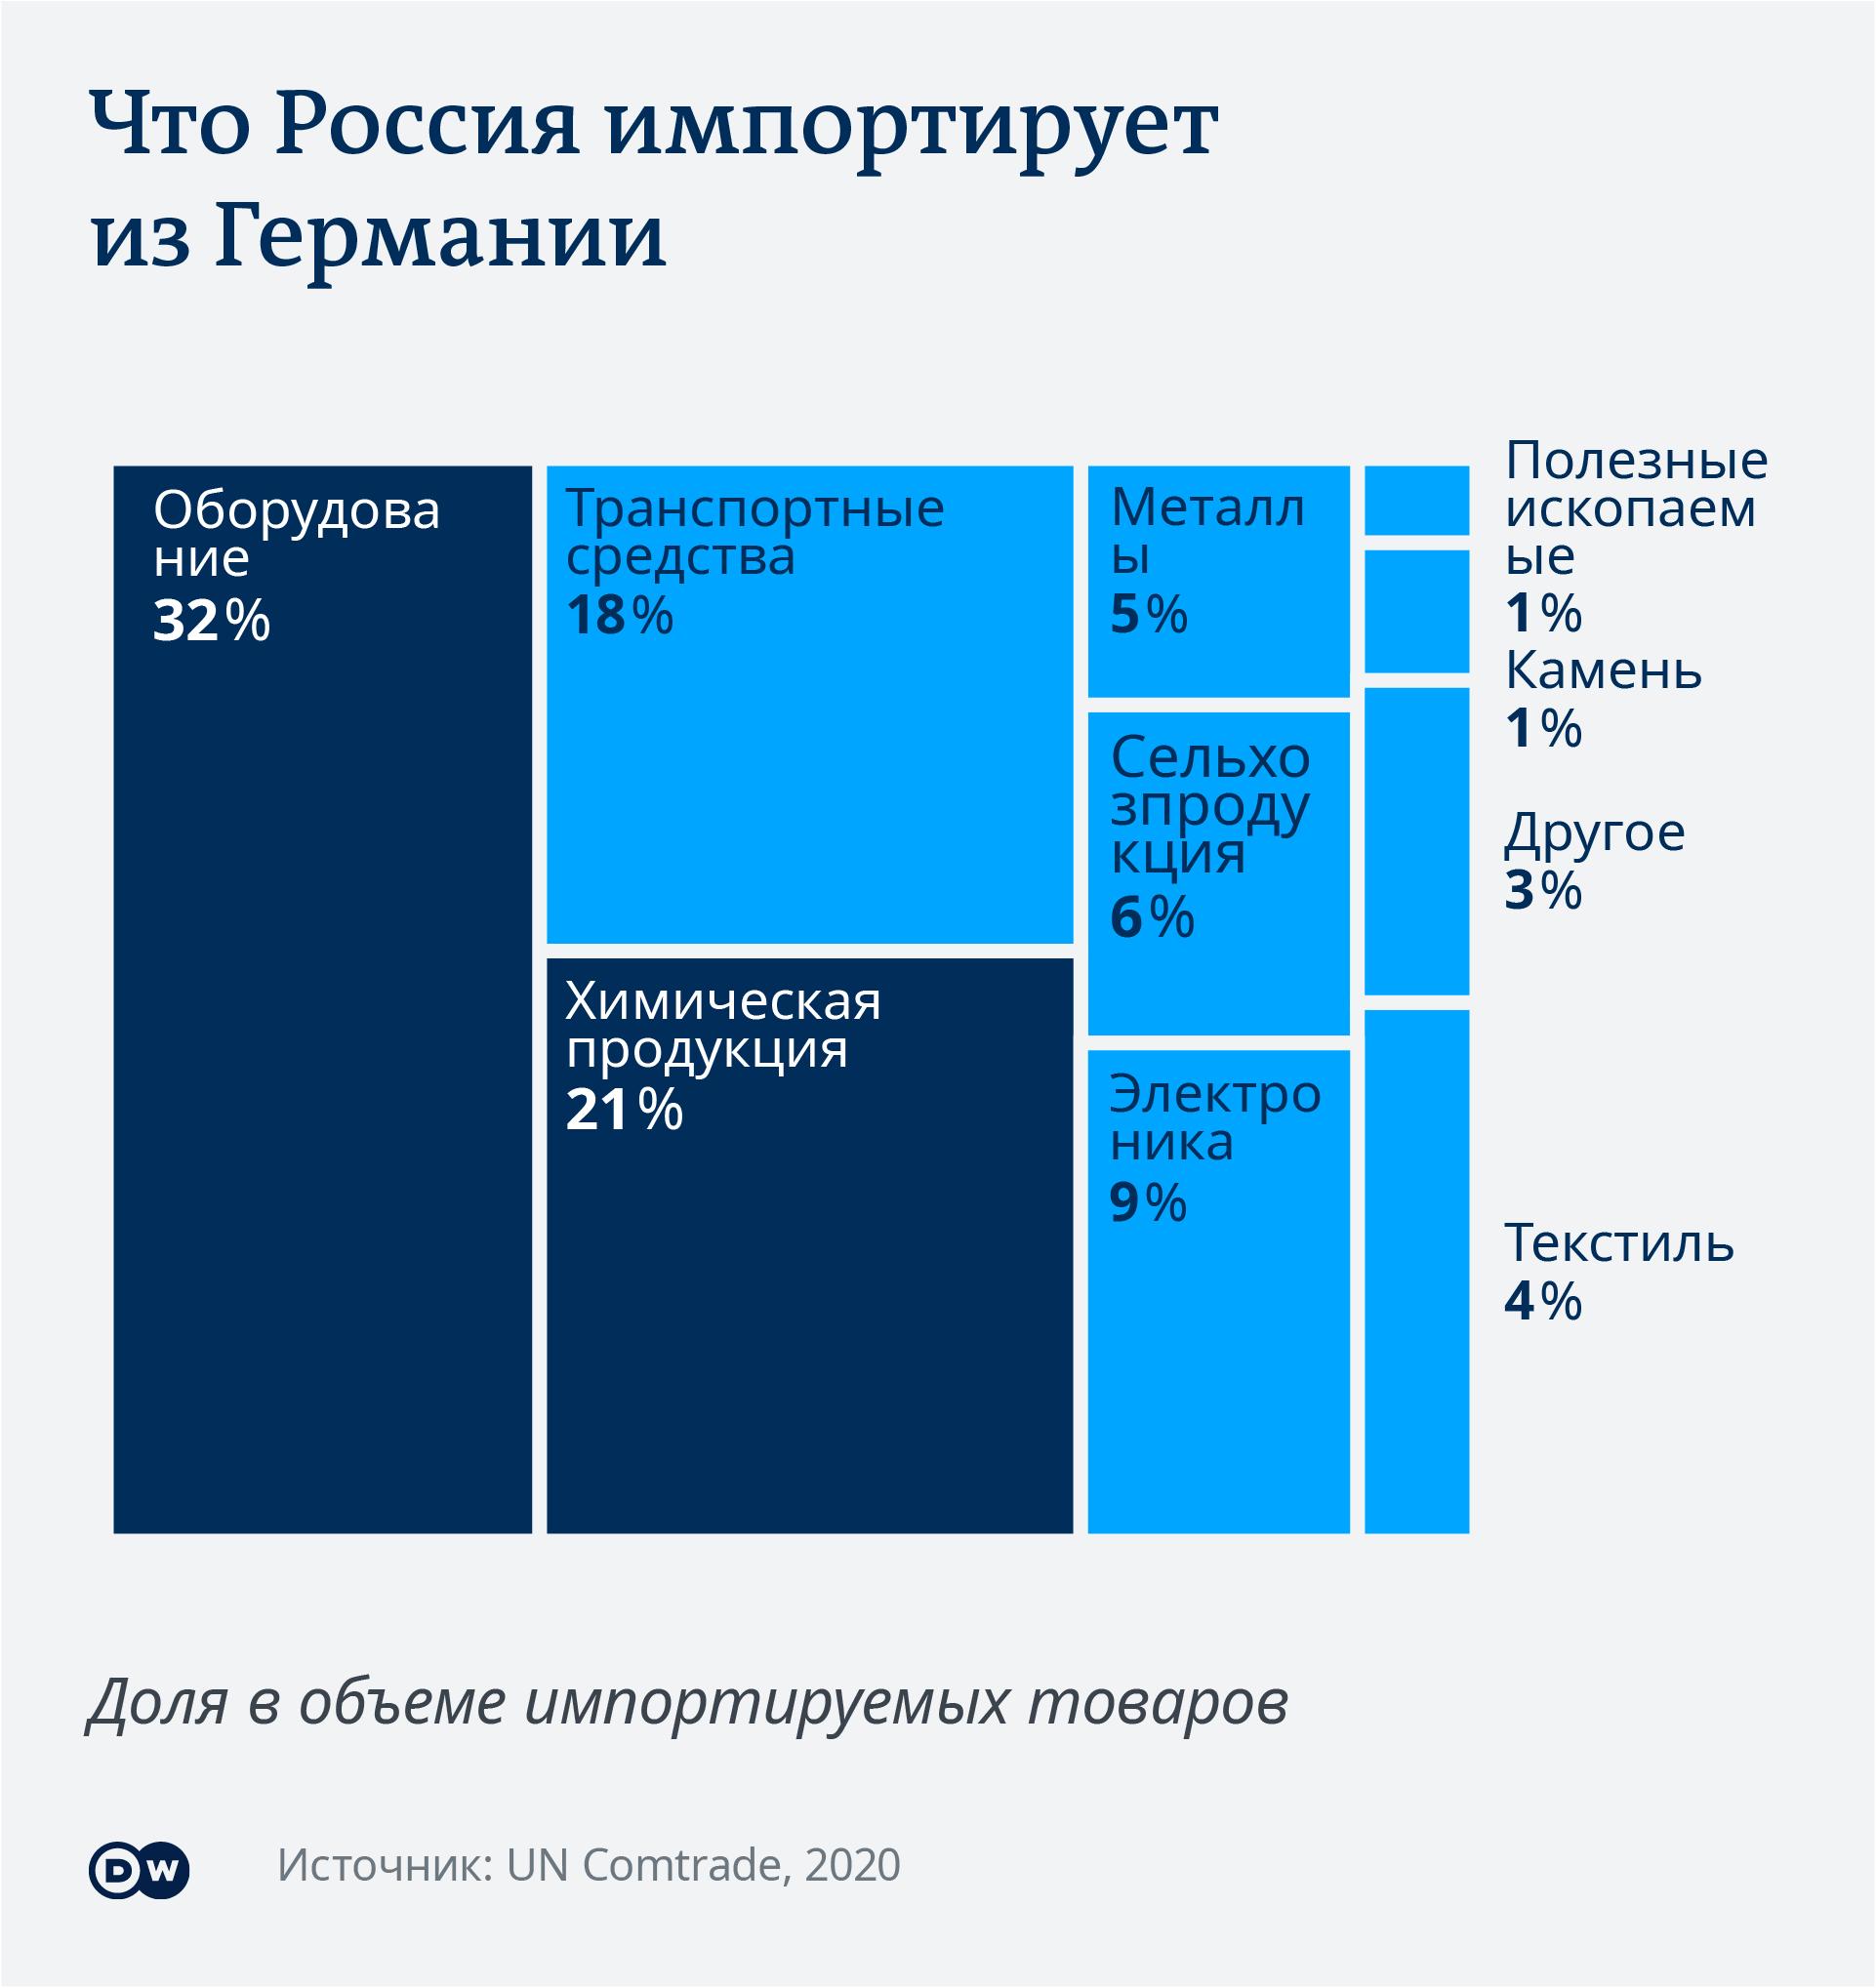 Инфографика Что Россия импортирует из Германии